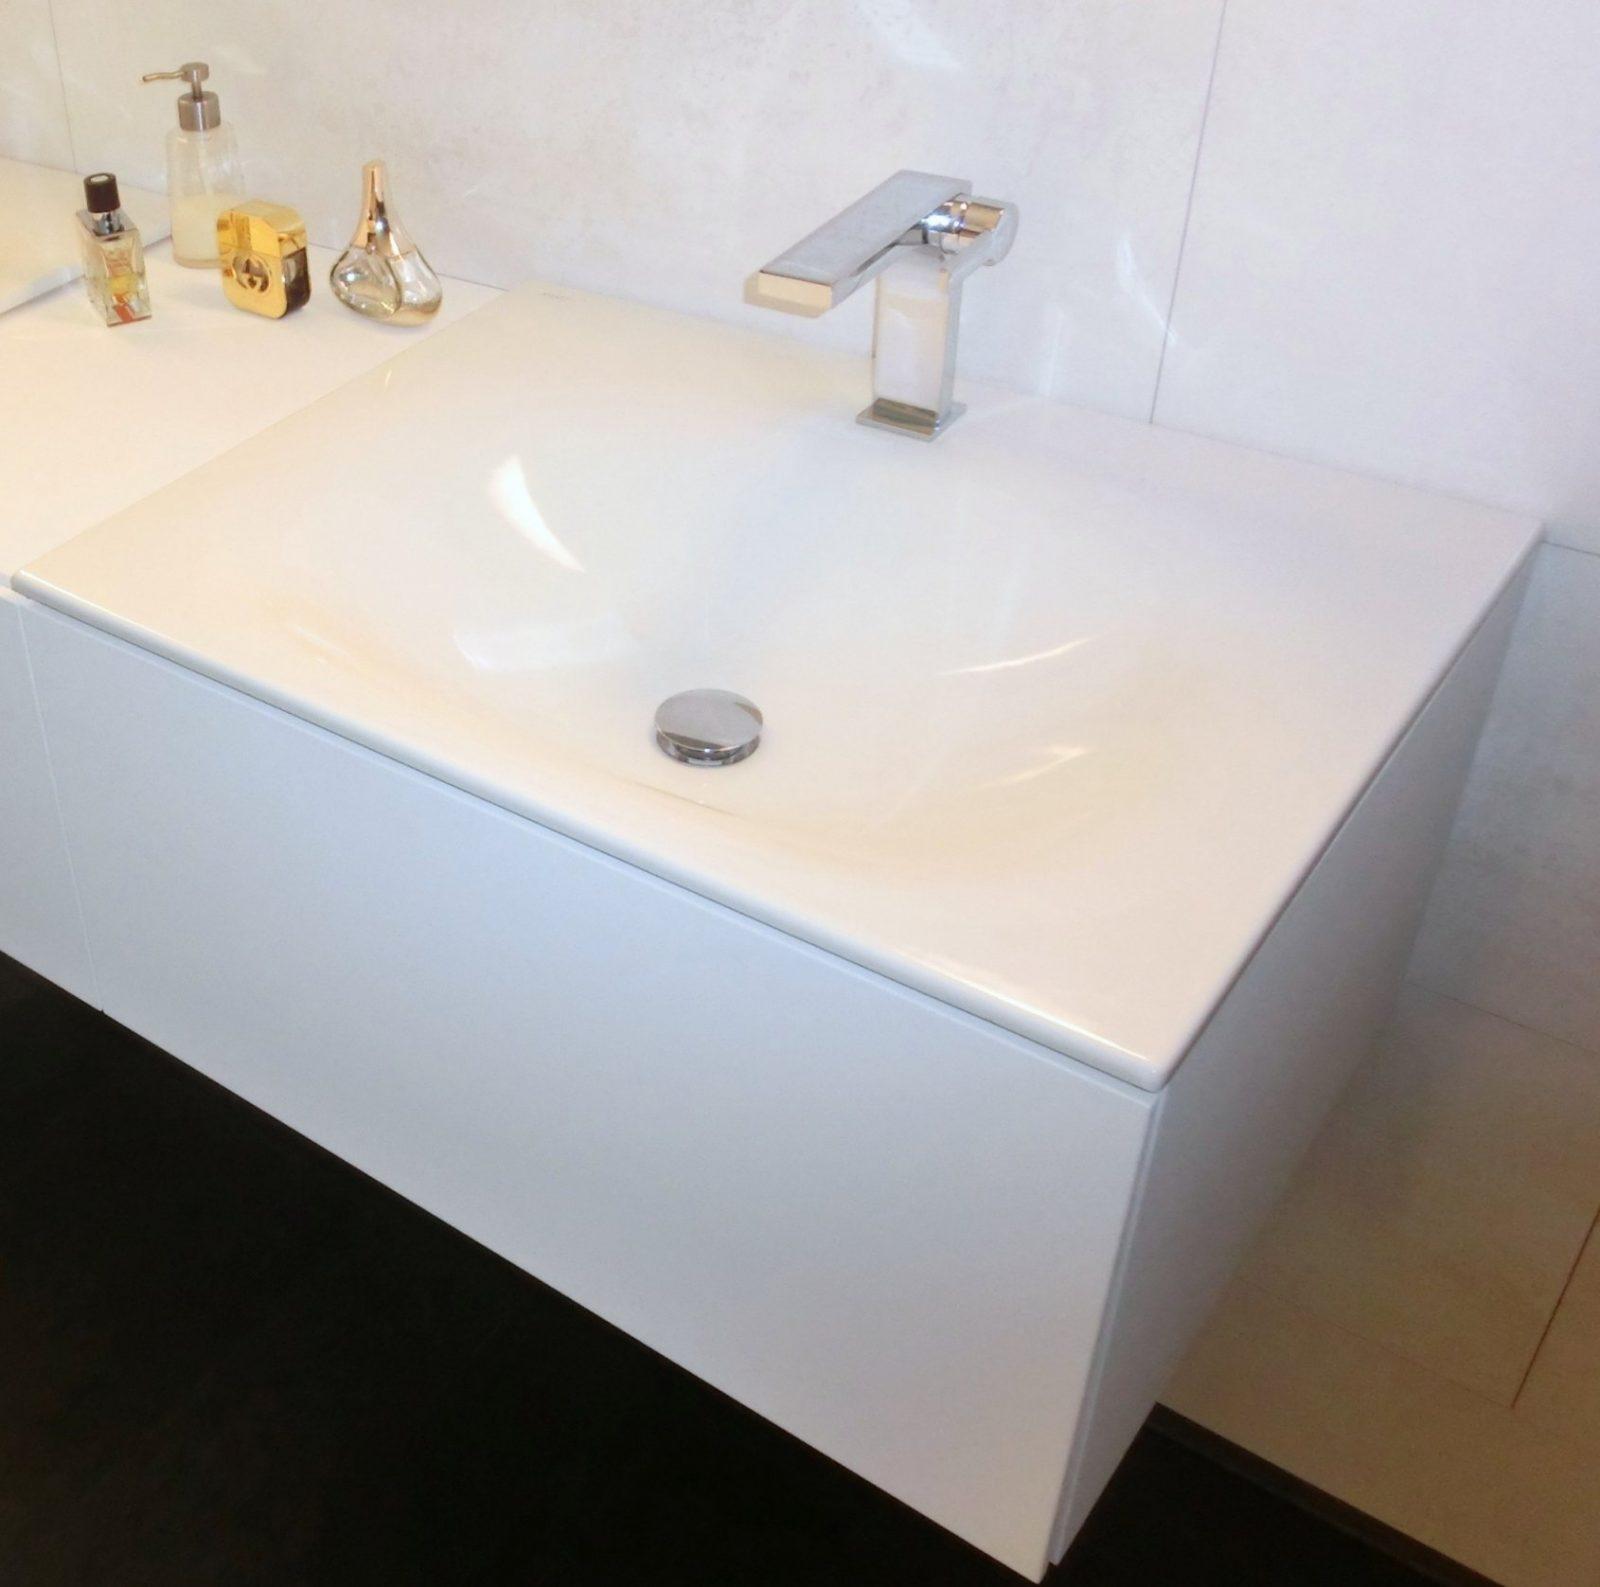 Lavabo 40 Cm Prime Waschbecken 40 Cm Excellent Waschbecken Bowl von Waschbecken 25 Cm Tief Bild